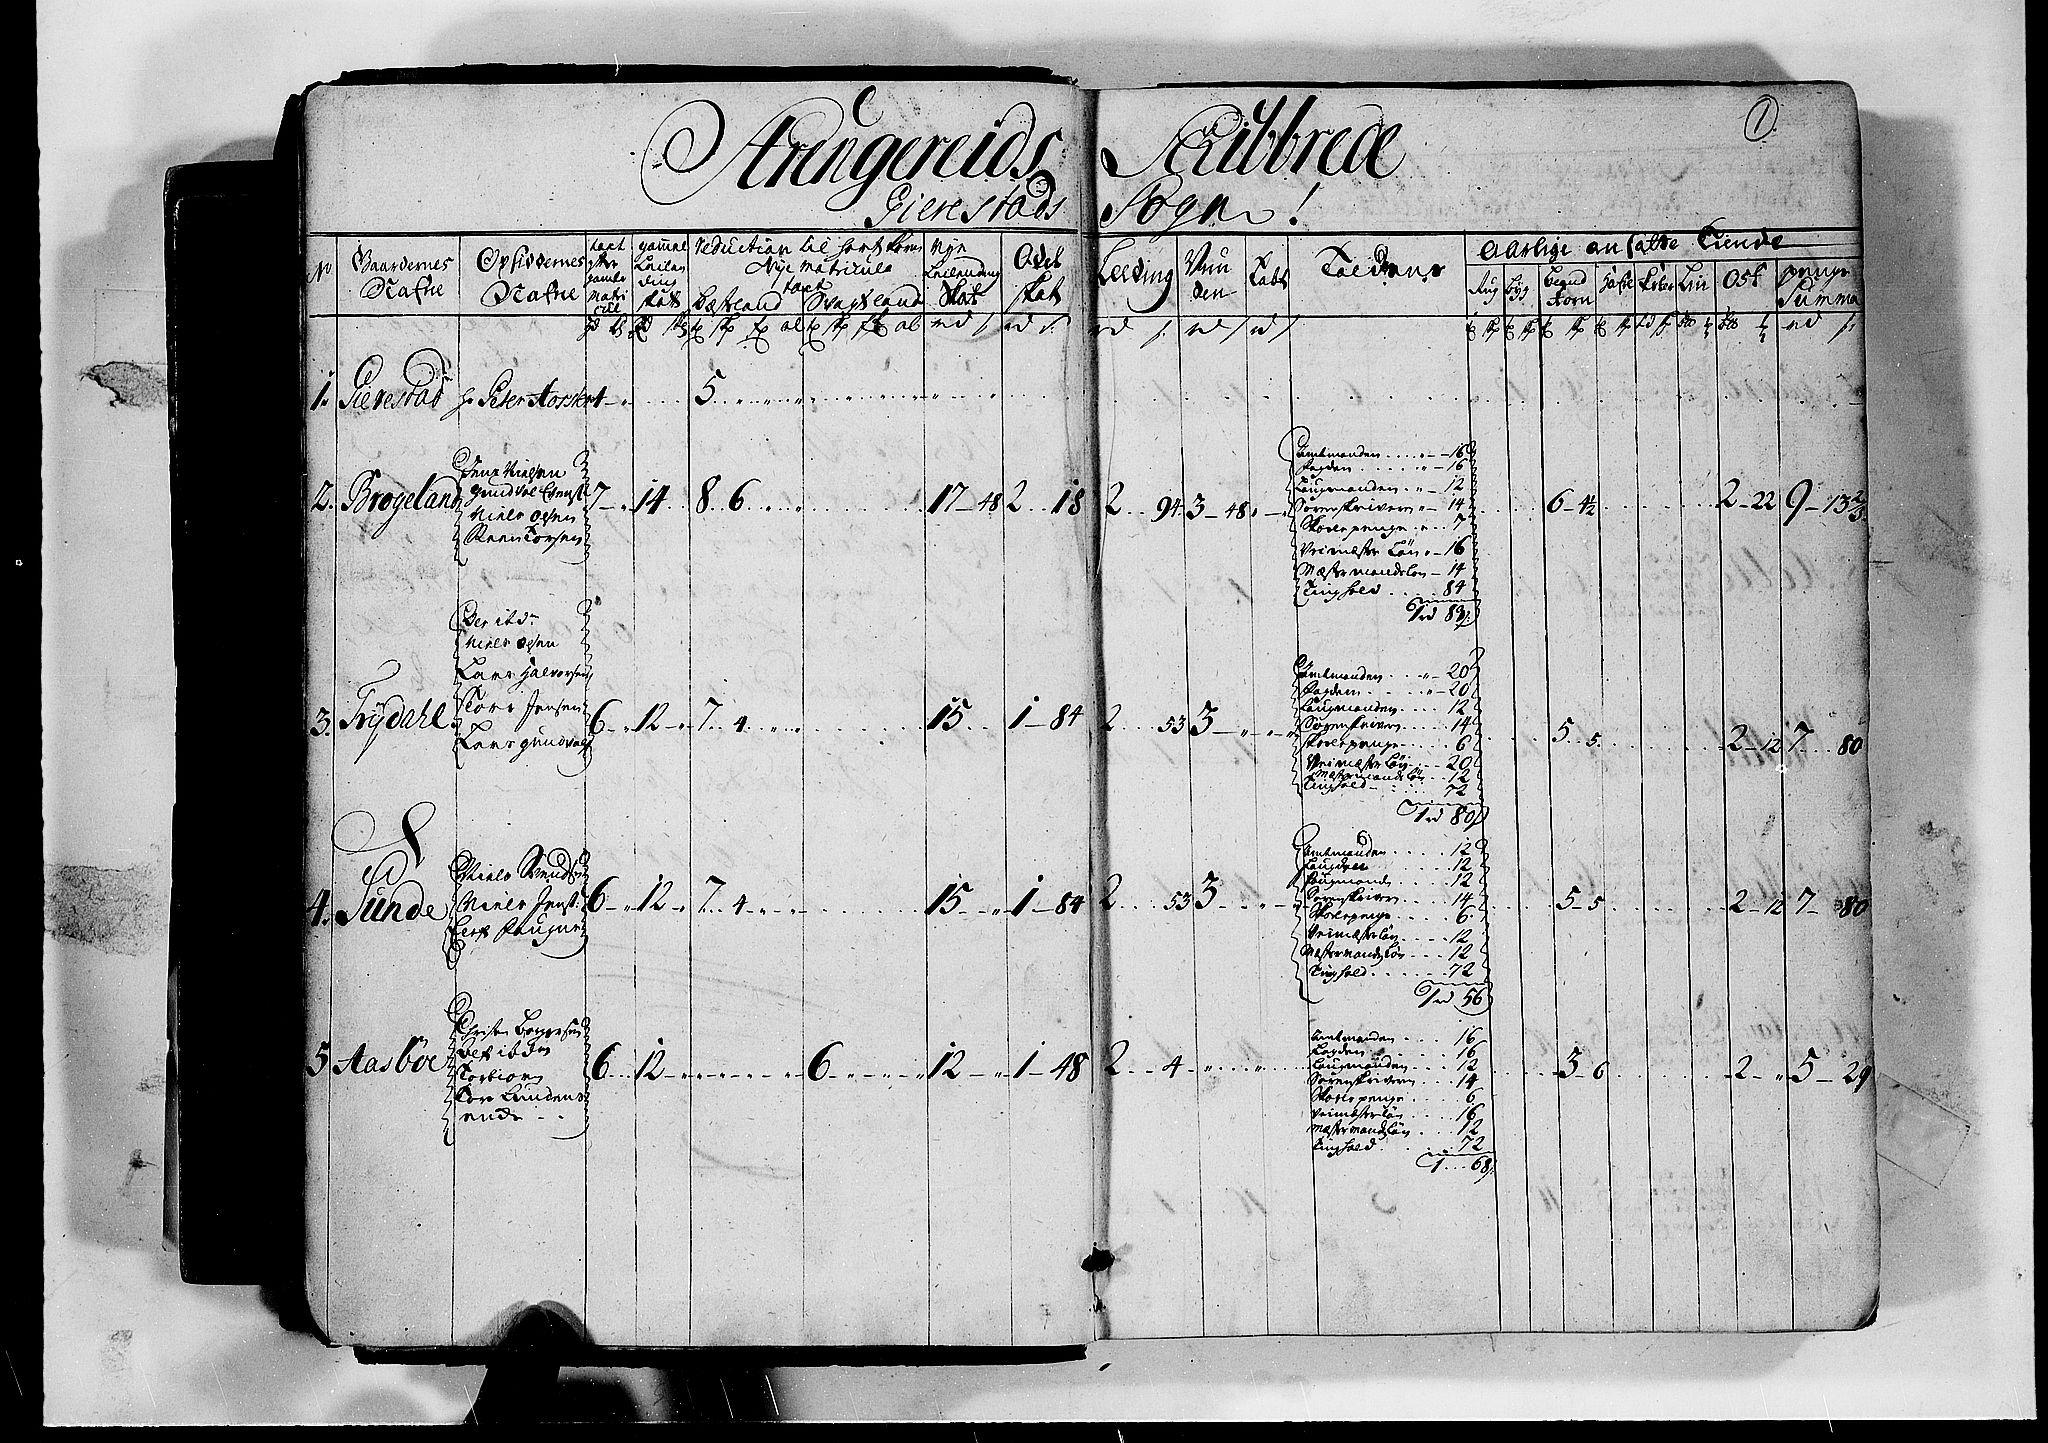 RA, Rentekammeret inntil 1814, Realistisk ordnet avdeling, N/Nb/Nbf/L0124: Nedenes matrikkelprotokoll, 1723, s. 1a